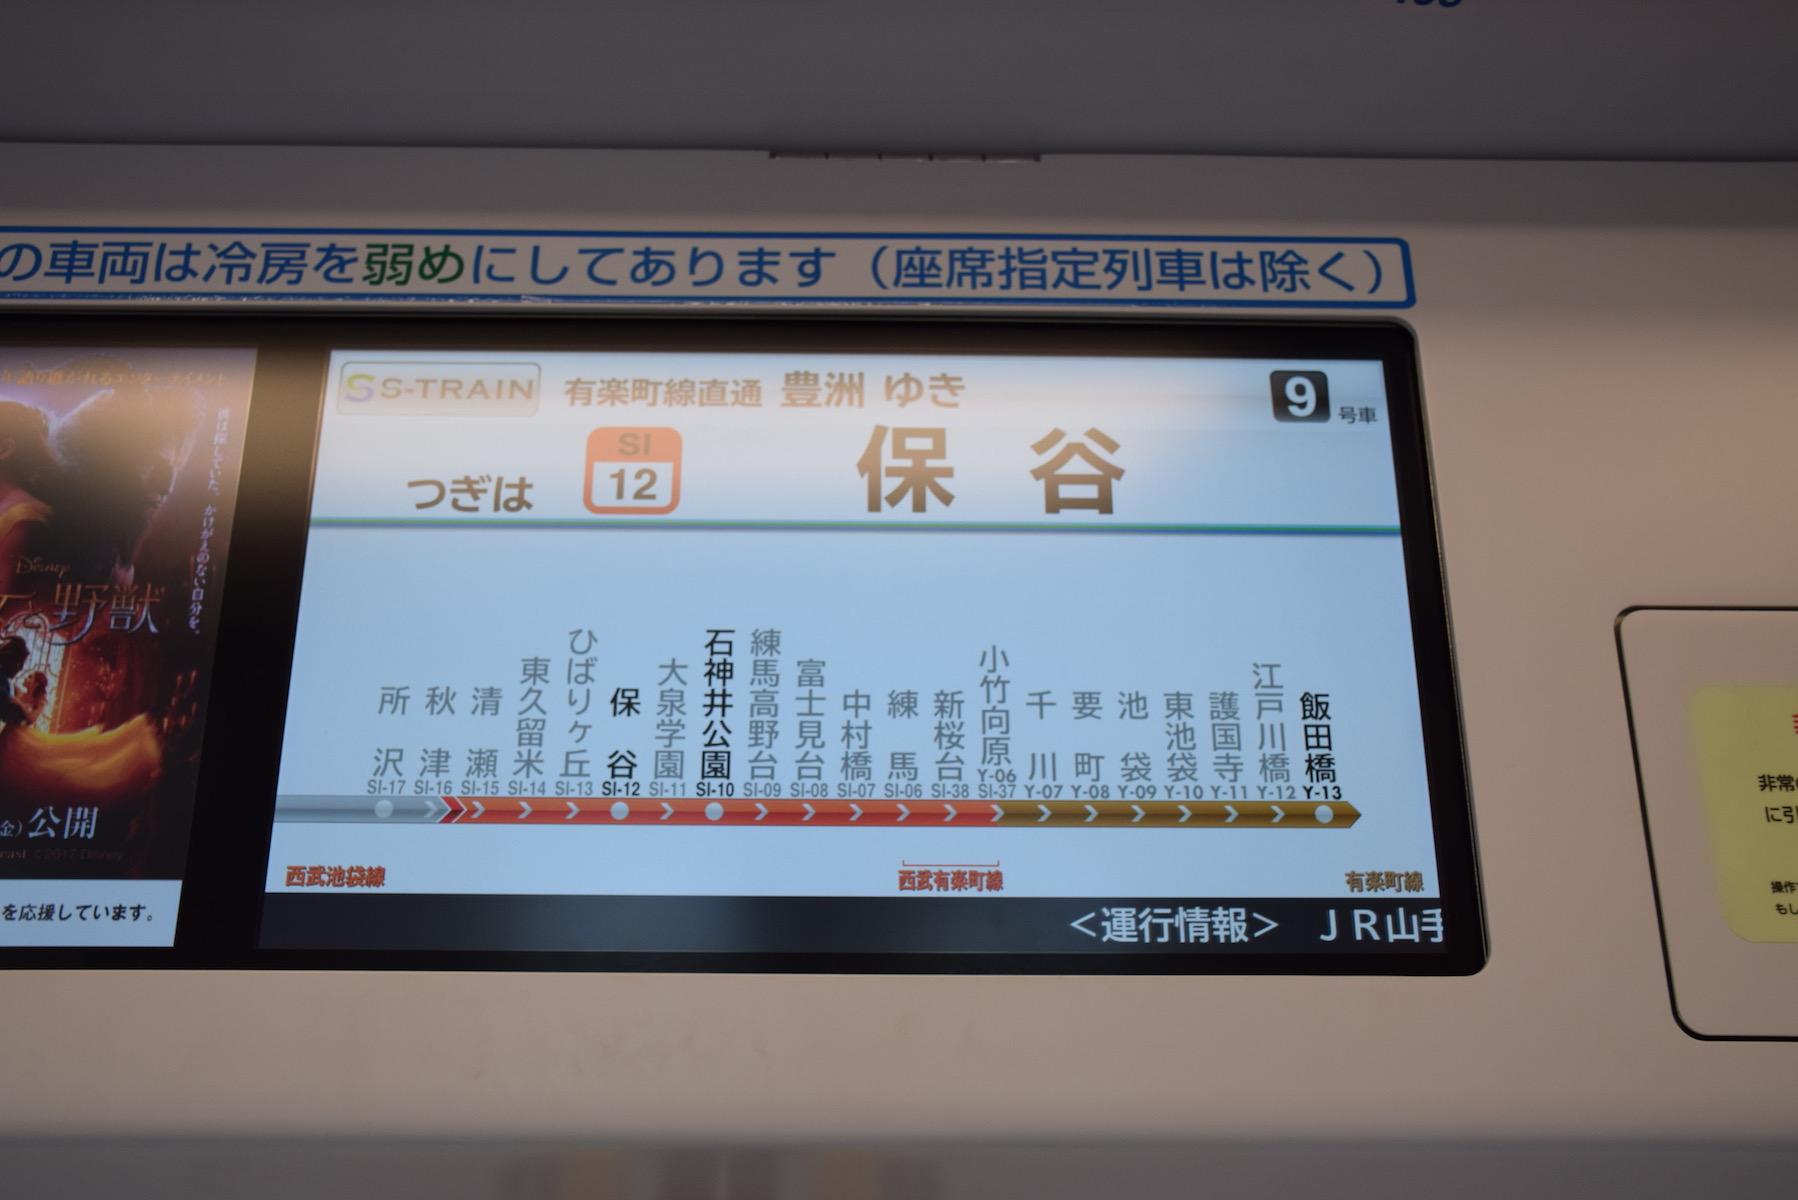 Path to the Journey『S – TRAIN』乗車記・平日編投稿ナビゲーション人気の投稿とページカレンダーアーカイブ最近の投稿カテゴリー